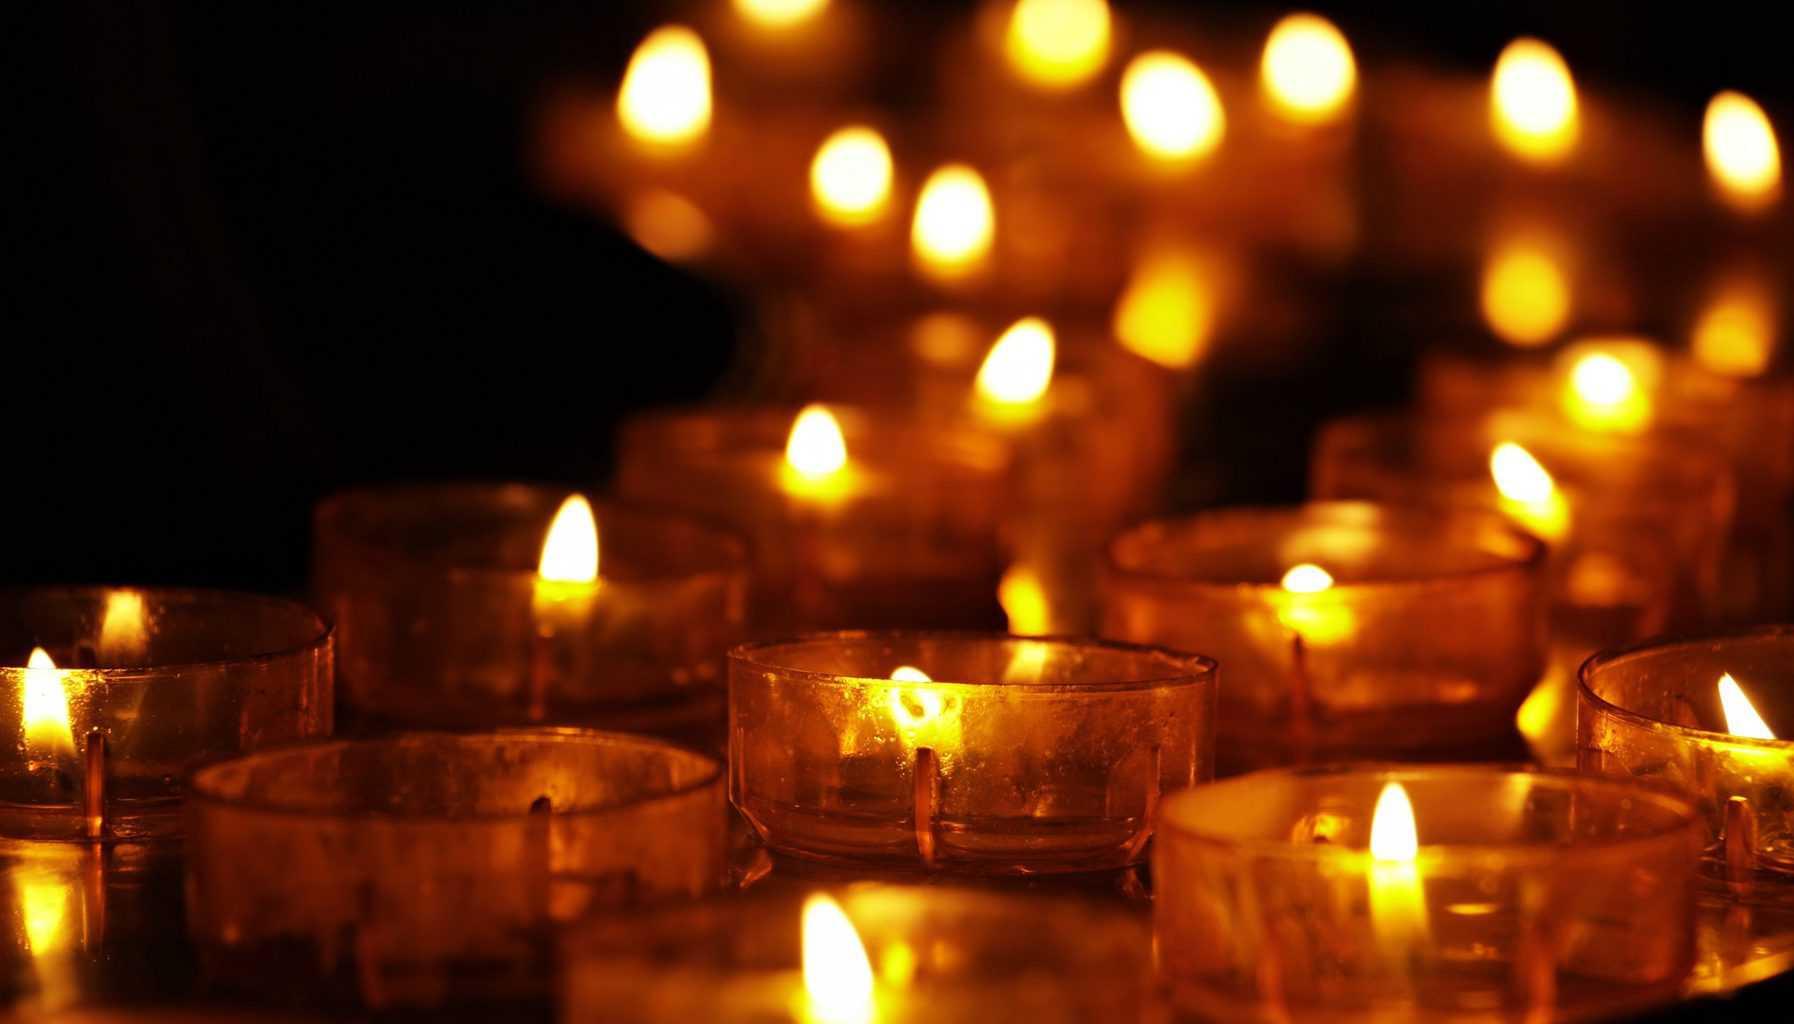 candlelight, faith, candles